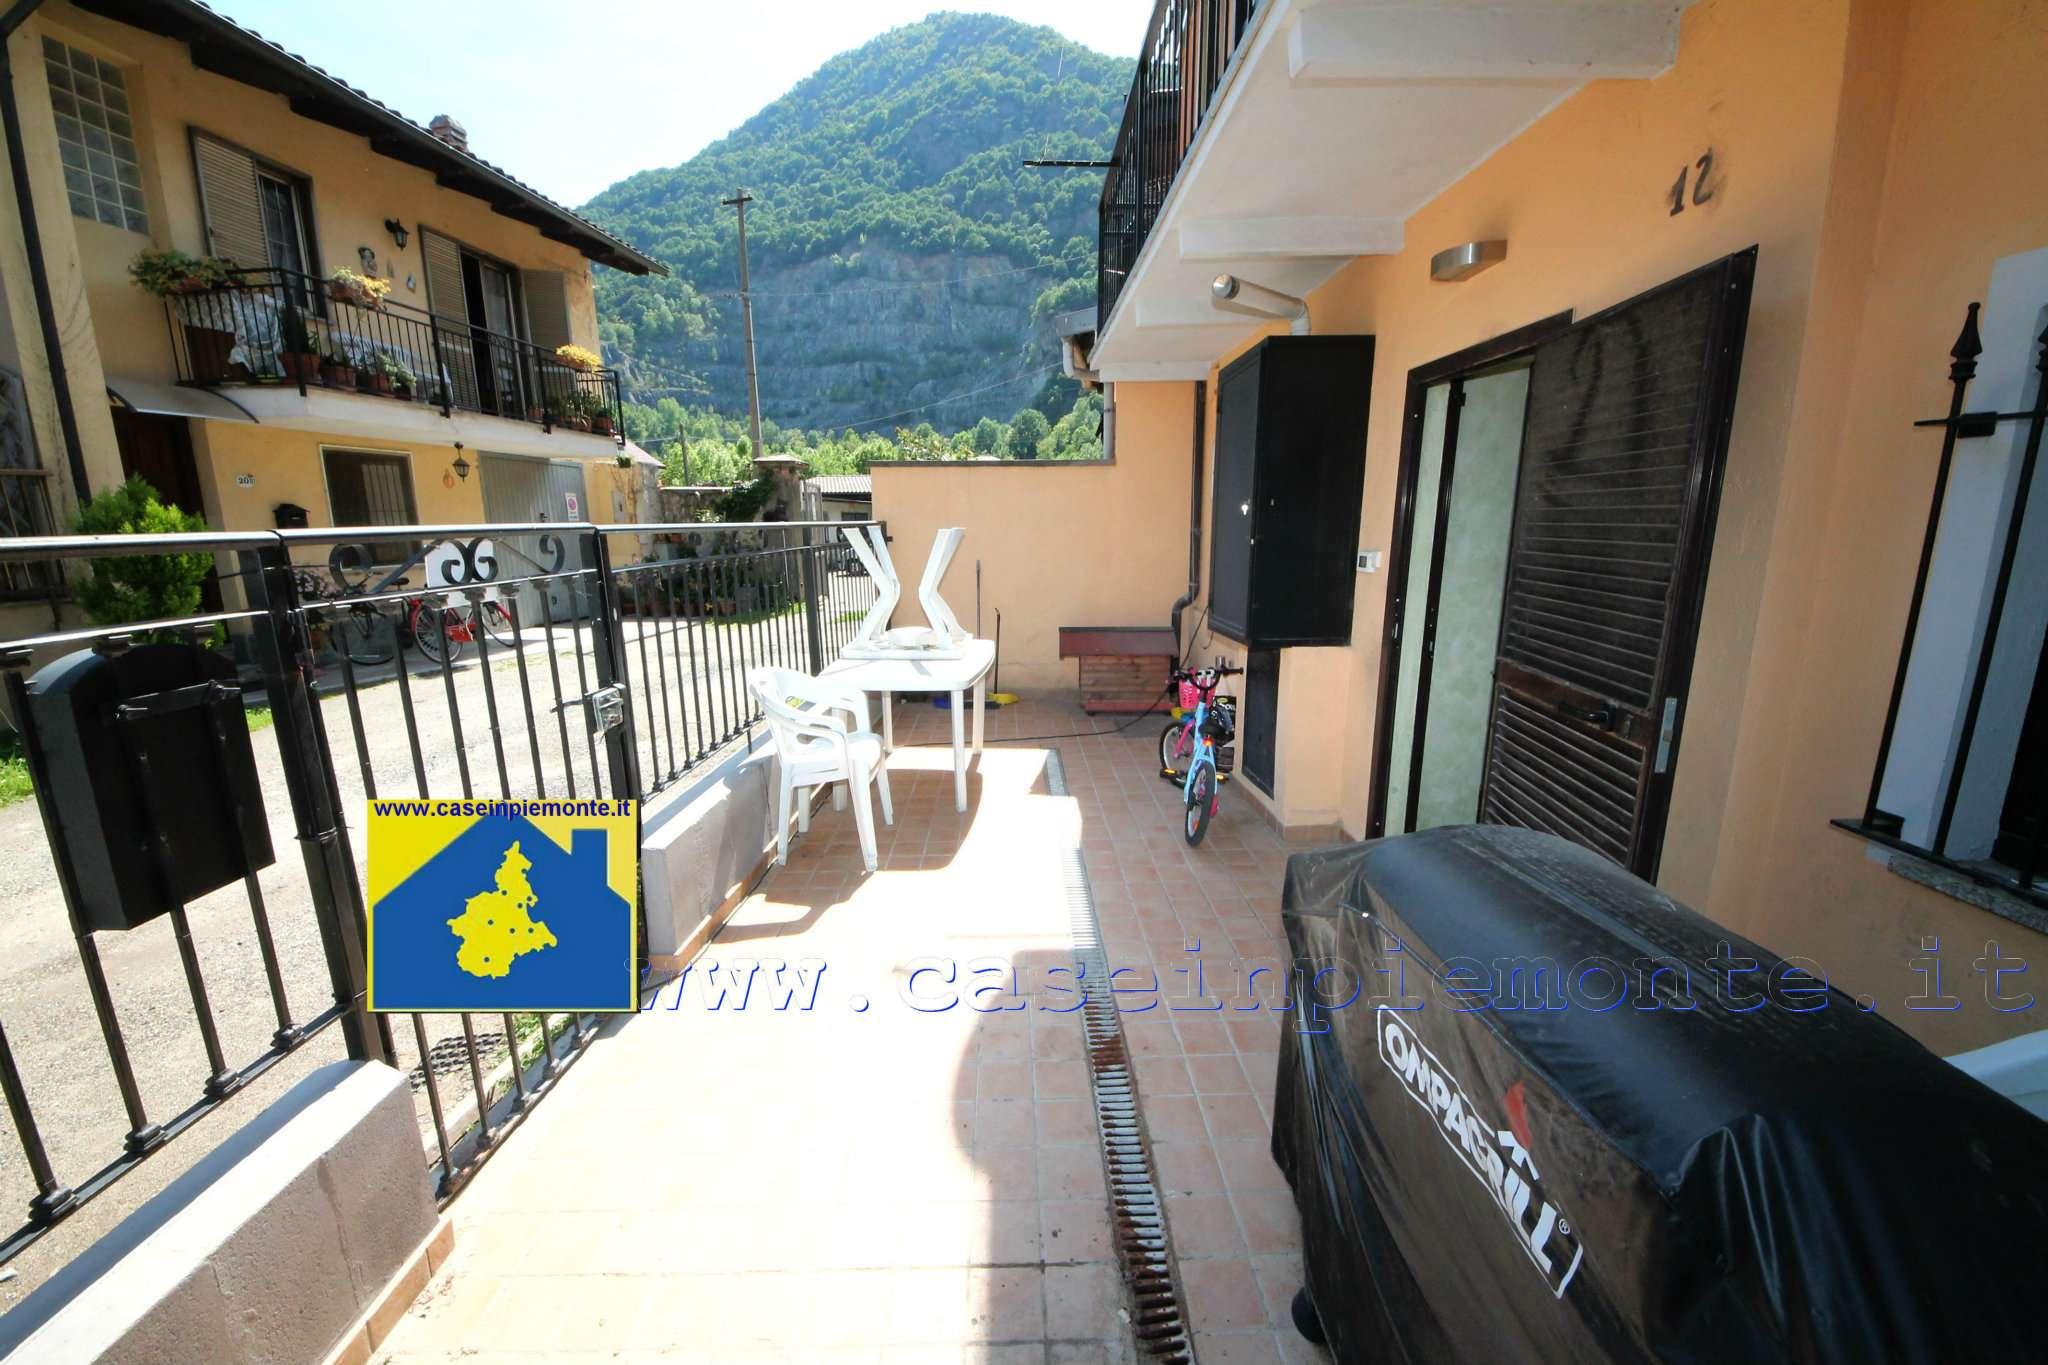 Foto 1 di Casa indipendente via Del Rio 12, Sant'ambrogio Di Torino